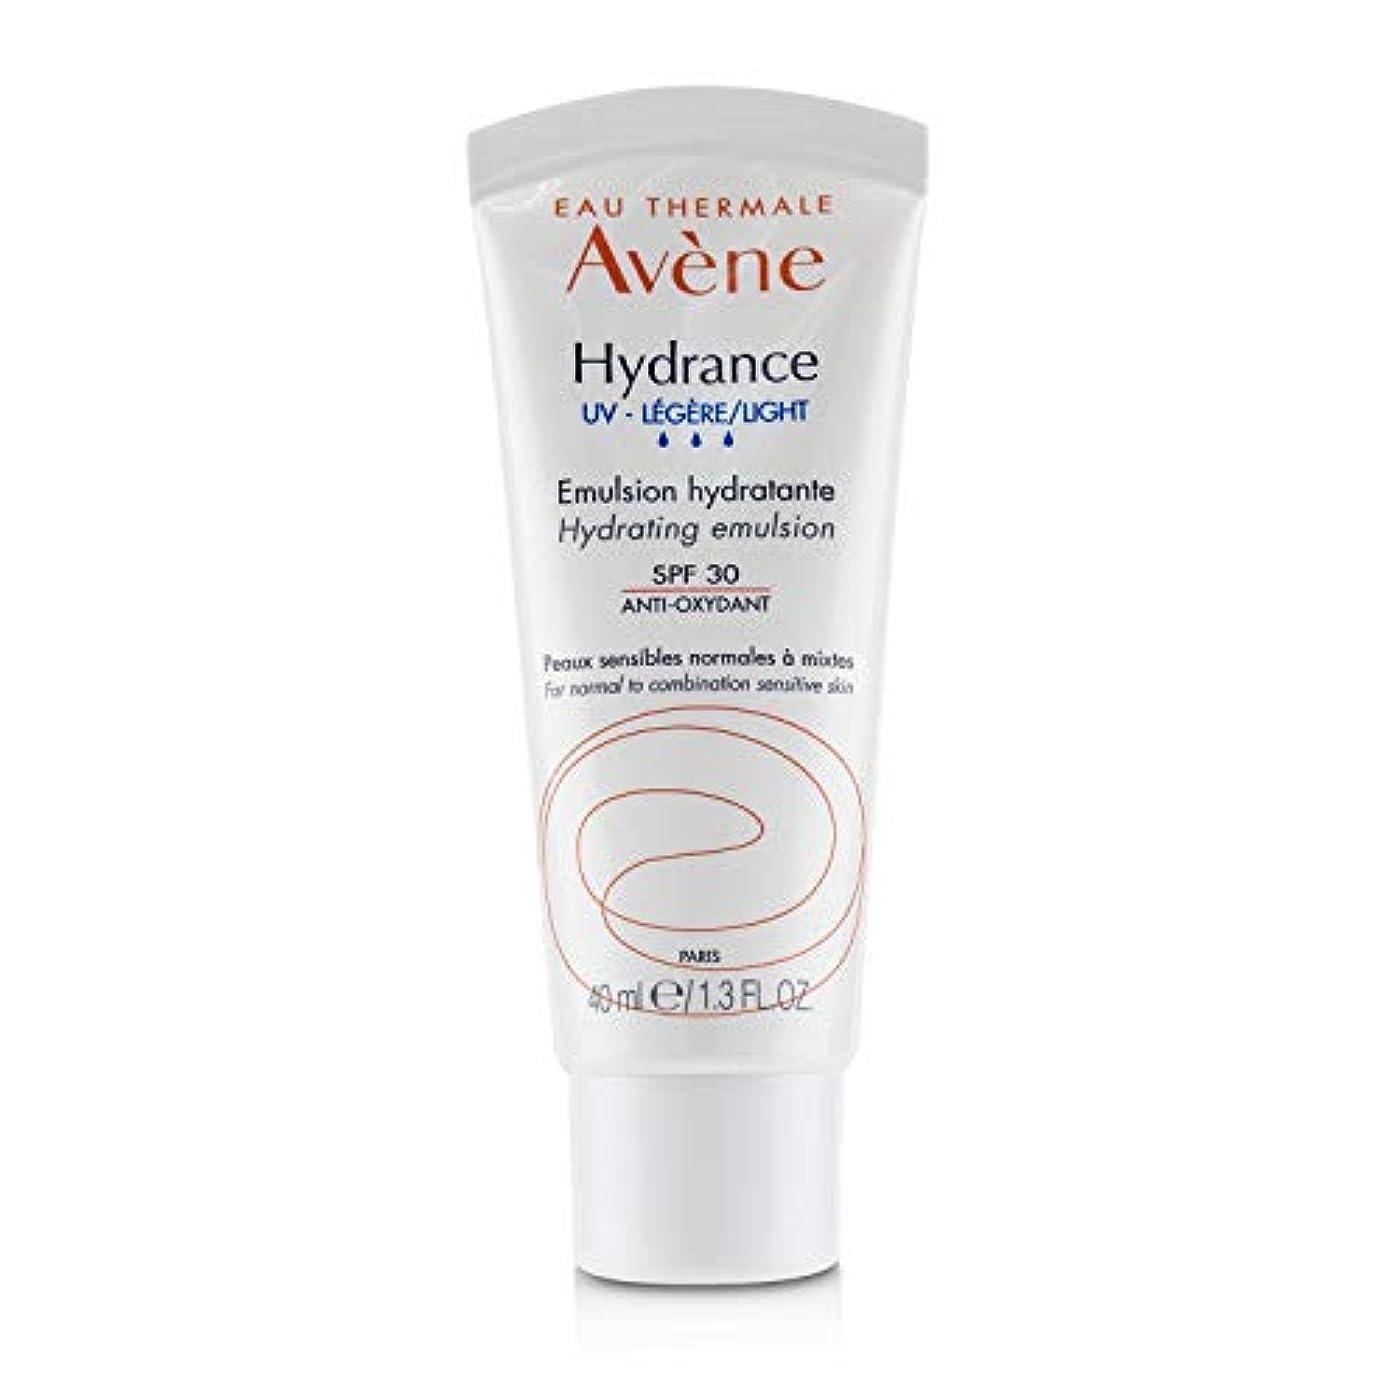 肺炎検出器病的アベンヌ Hydrance UV LIGHT Hydrating Emulsion SPF 30 - For Normal to Combination Sensitive Skin 40ml/1.3oz並行輸入品